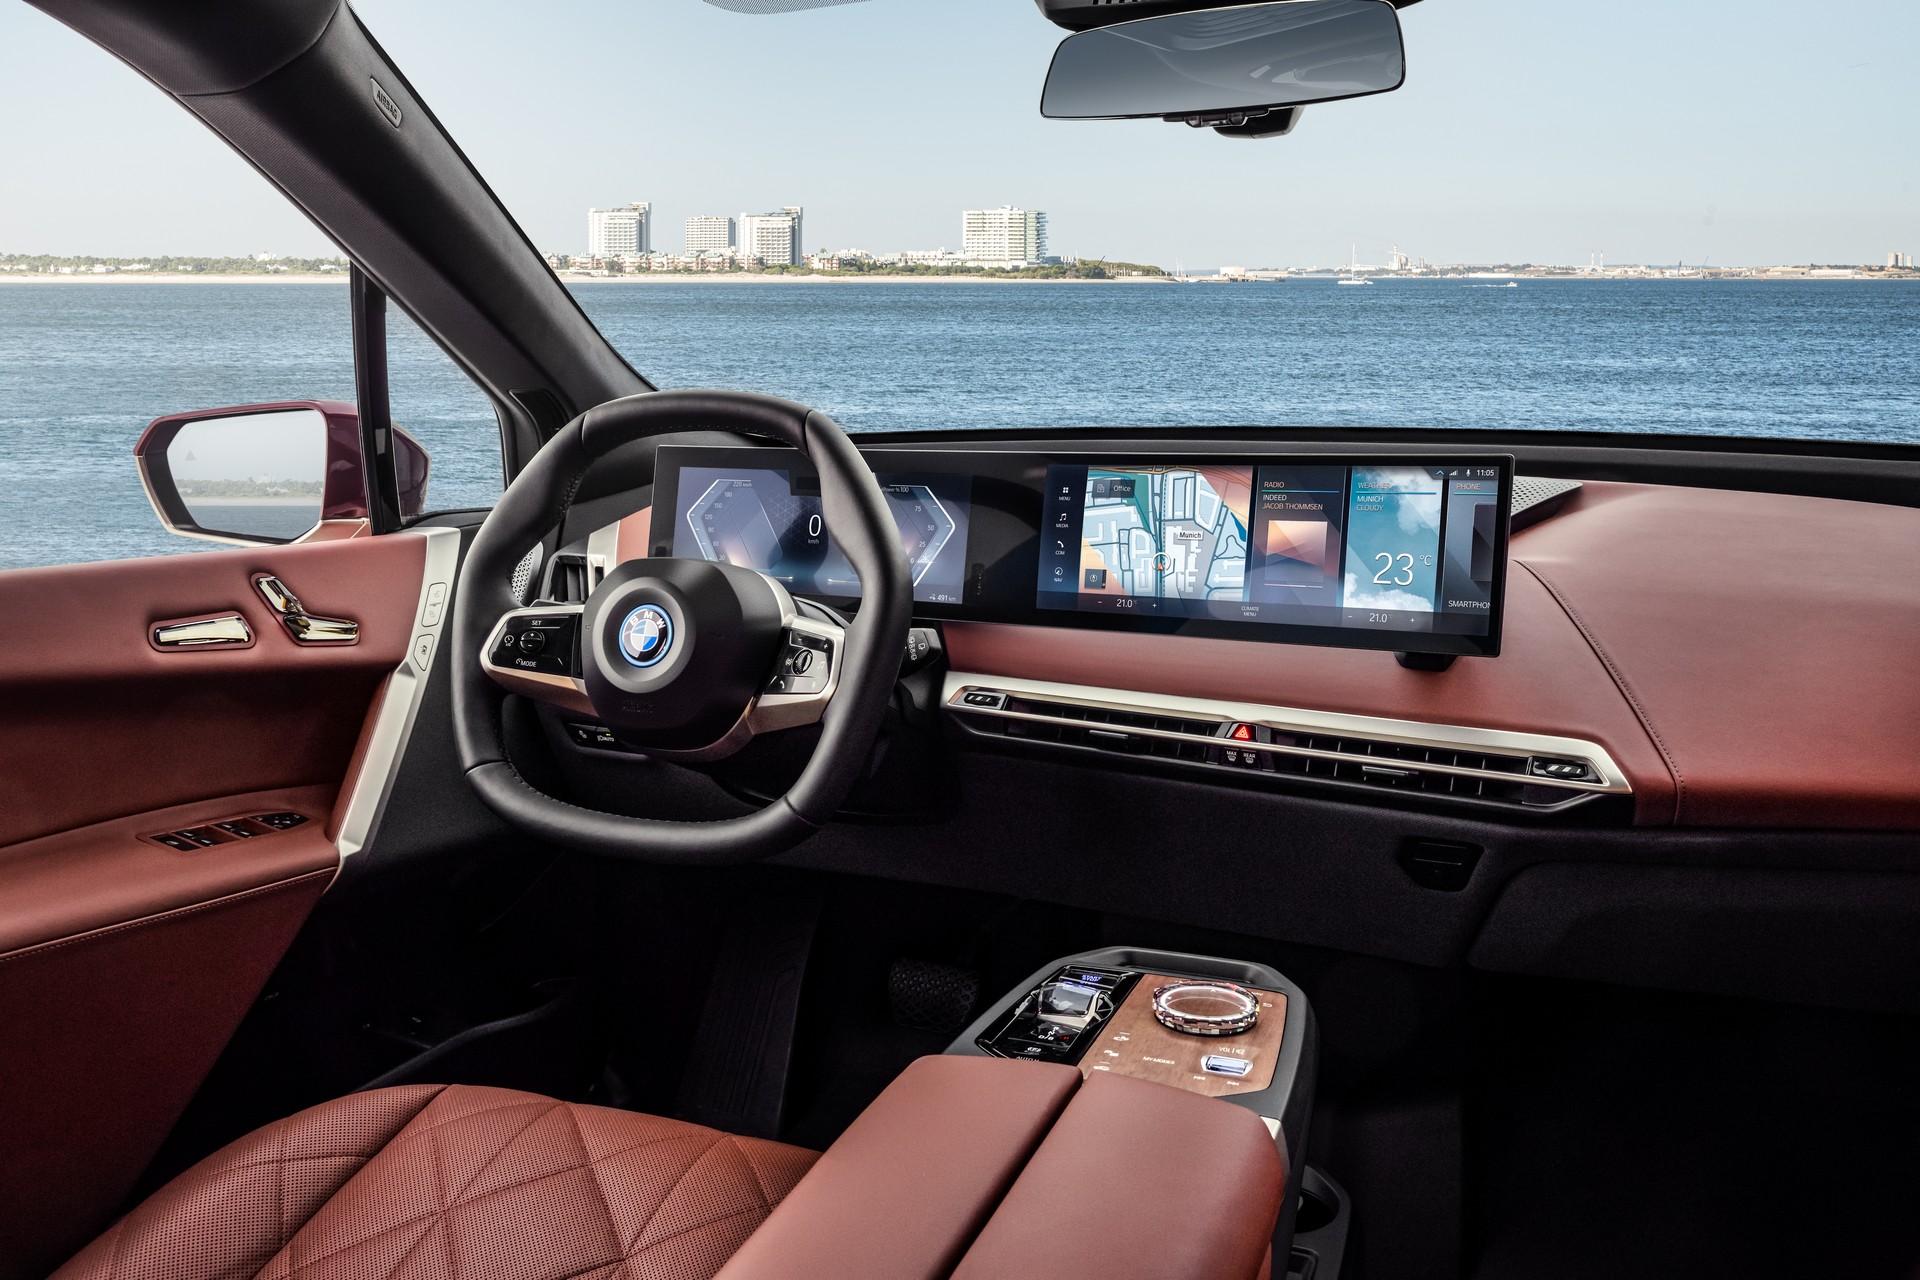 Το νέο iDrive της BMW είναι πιο ευφυές και θα το δούμε στην iX (video)